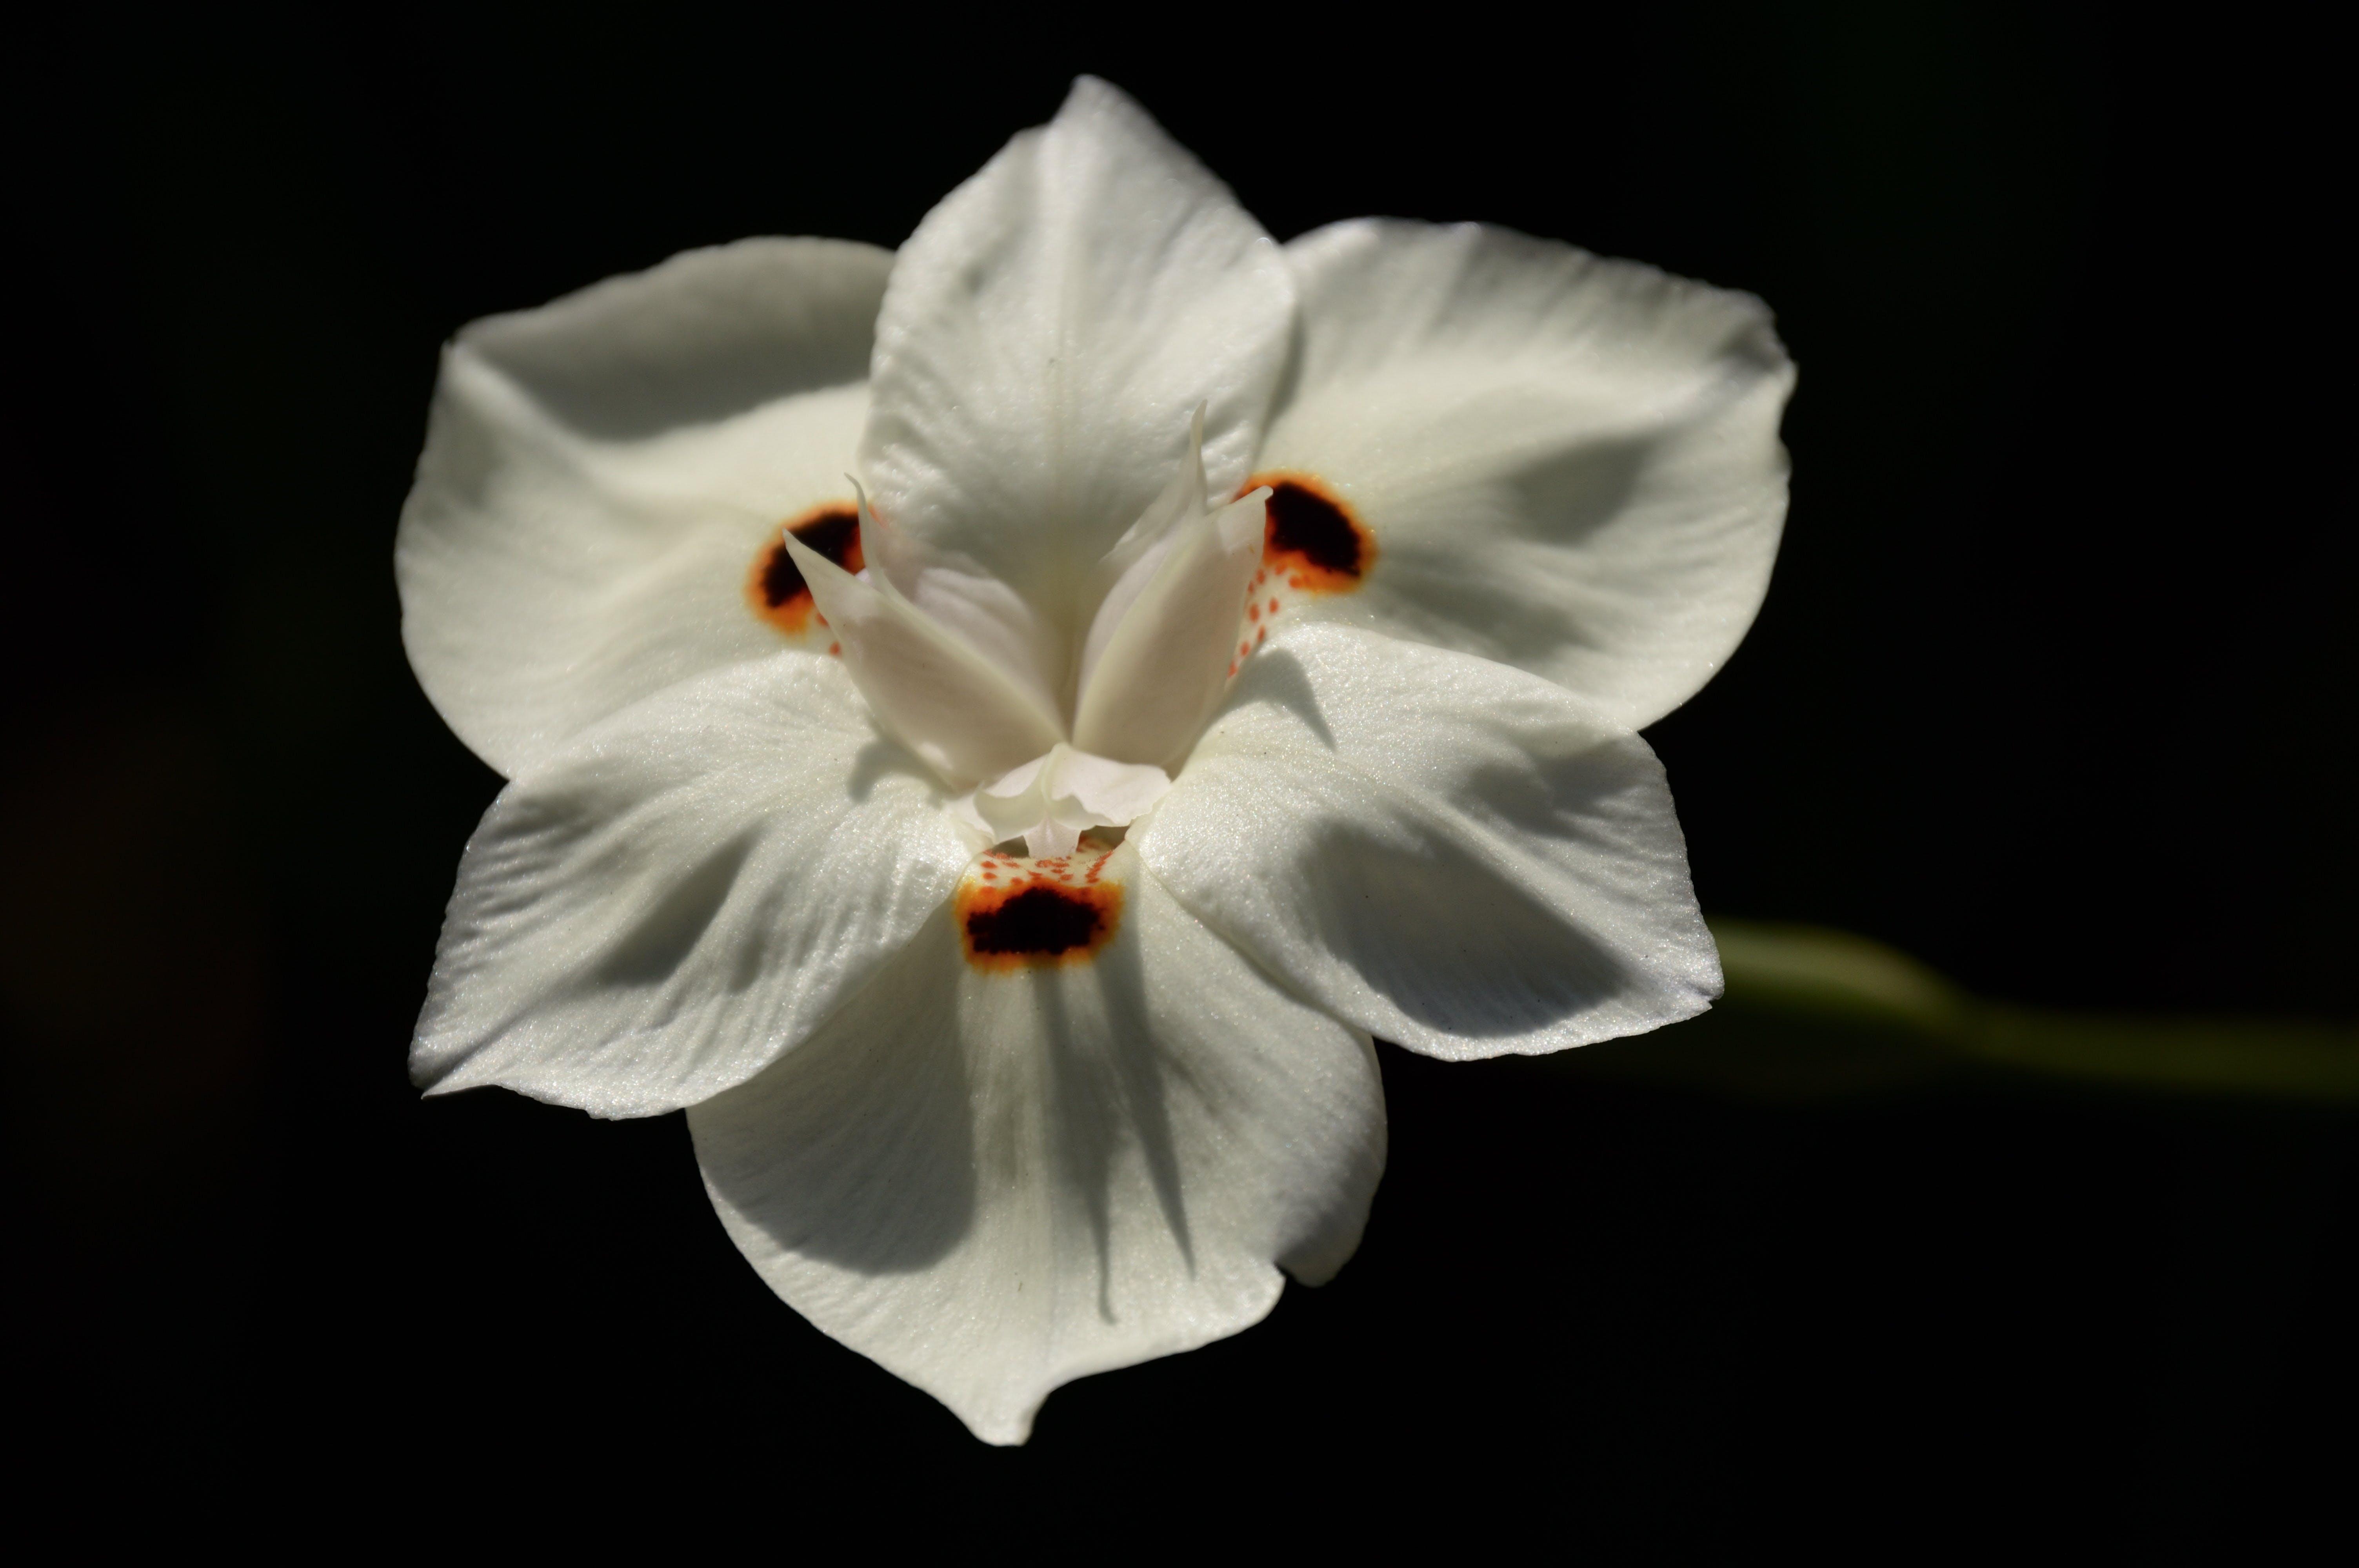 Fotos de stock gratuitas de bonito, botánica, color, colorido